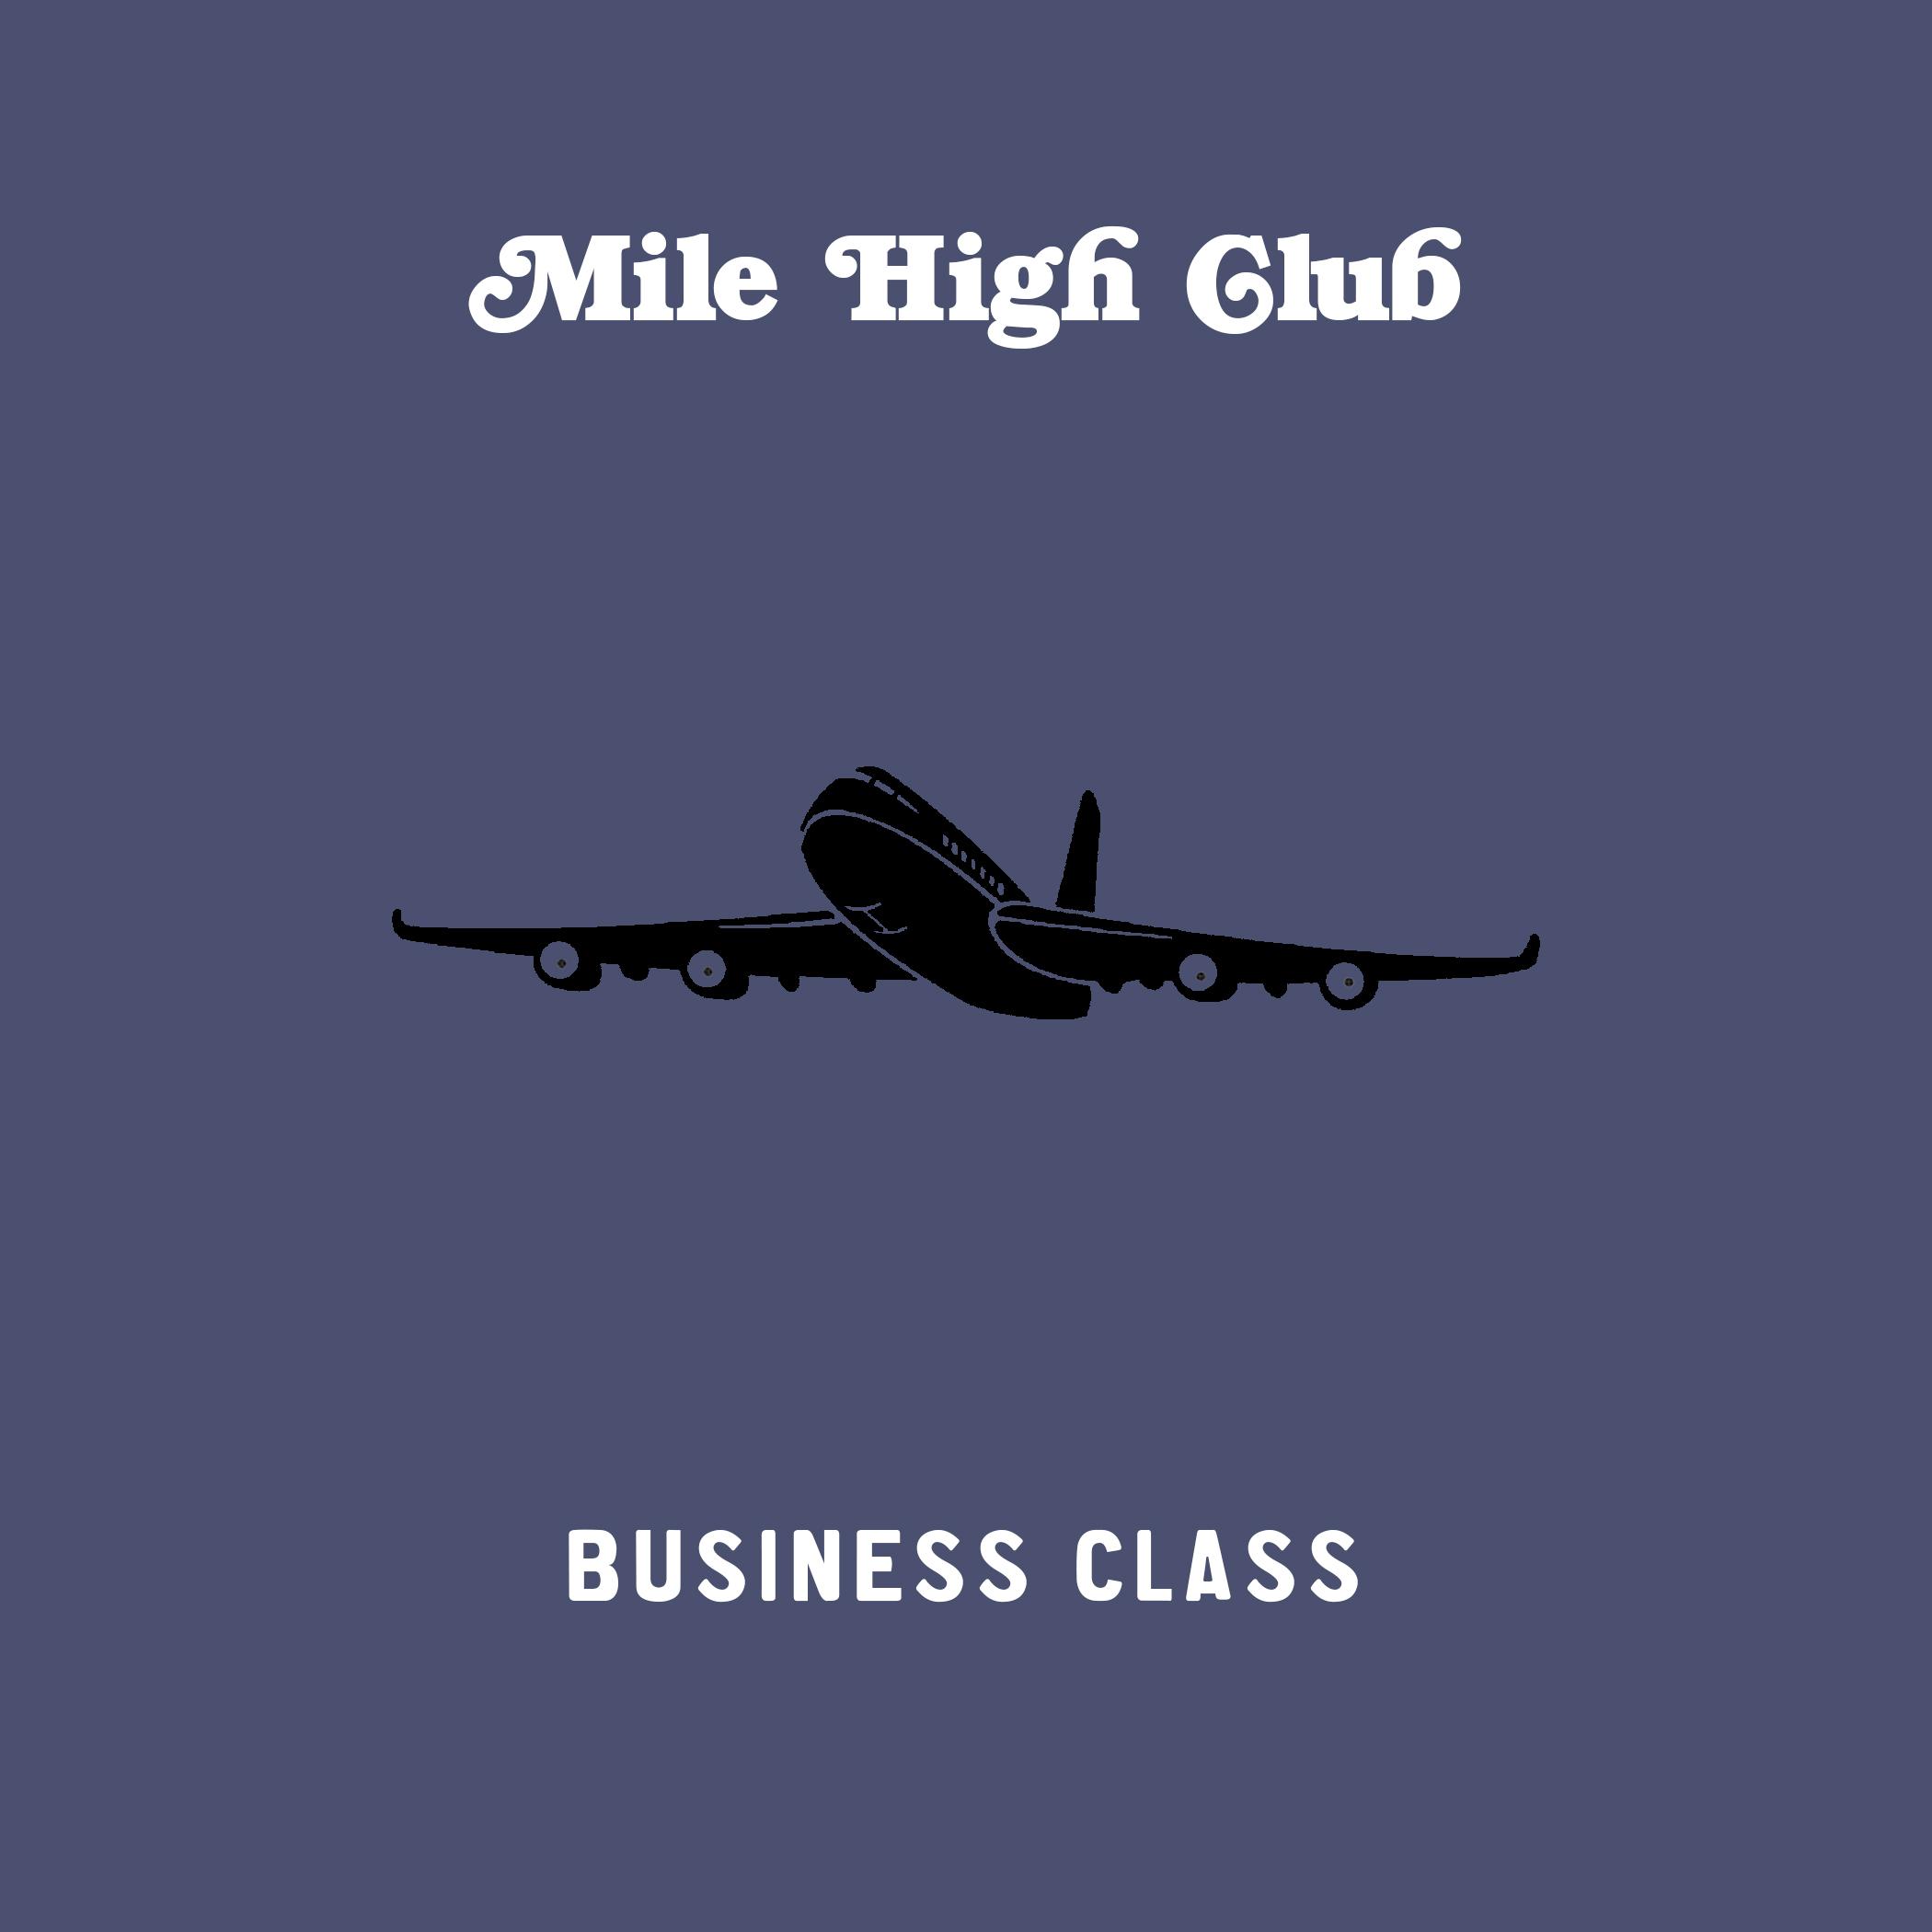 business class.jpg